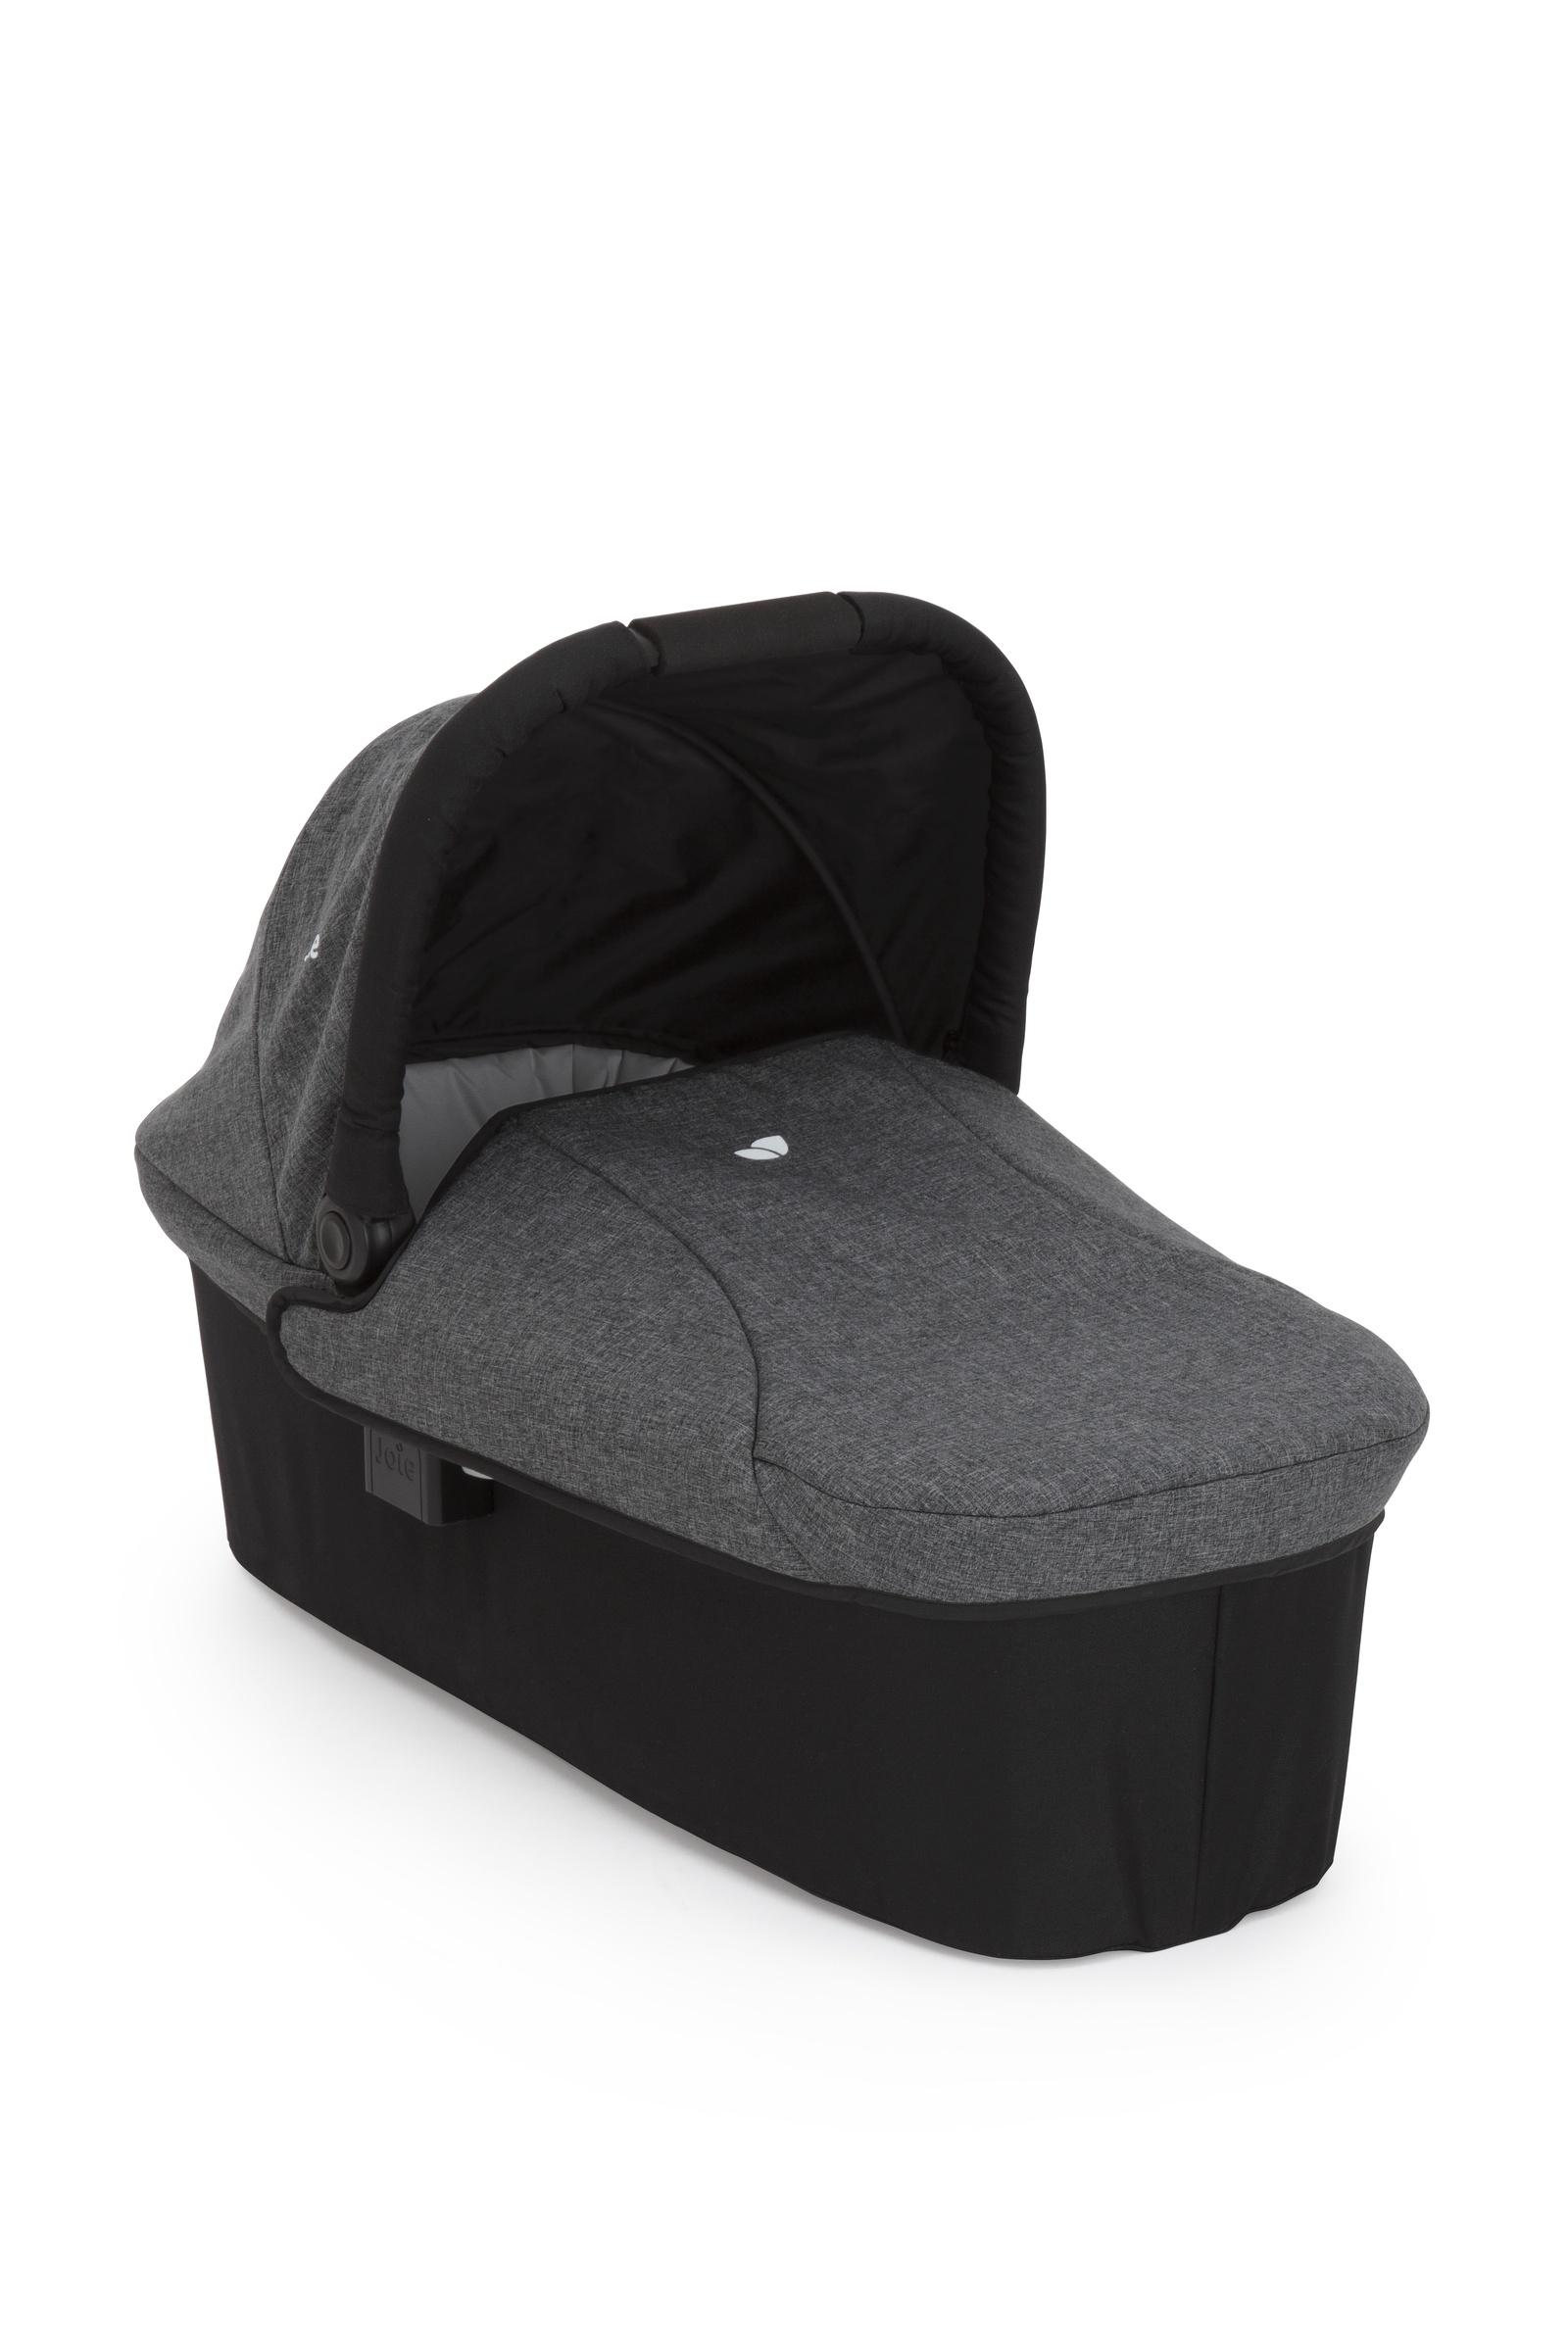 Joie спальный блок для колясок (Chromium)